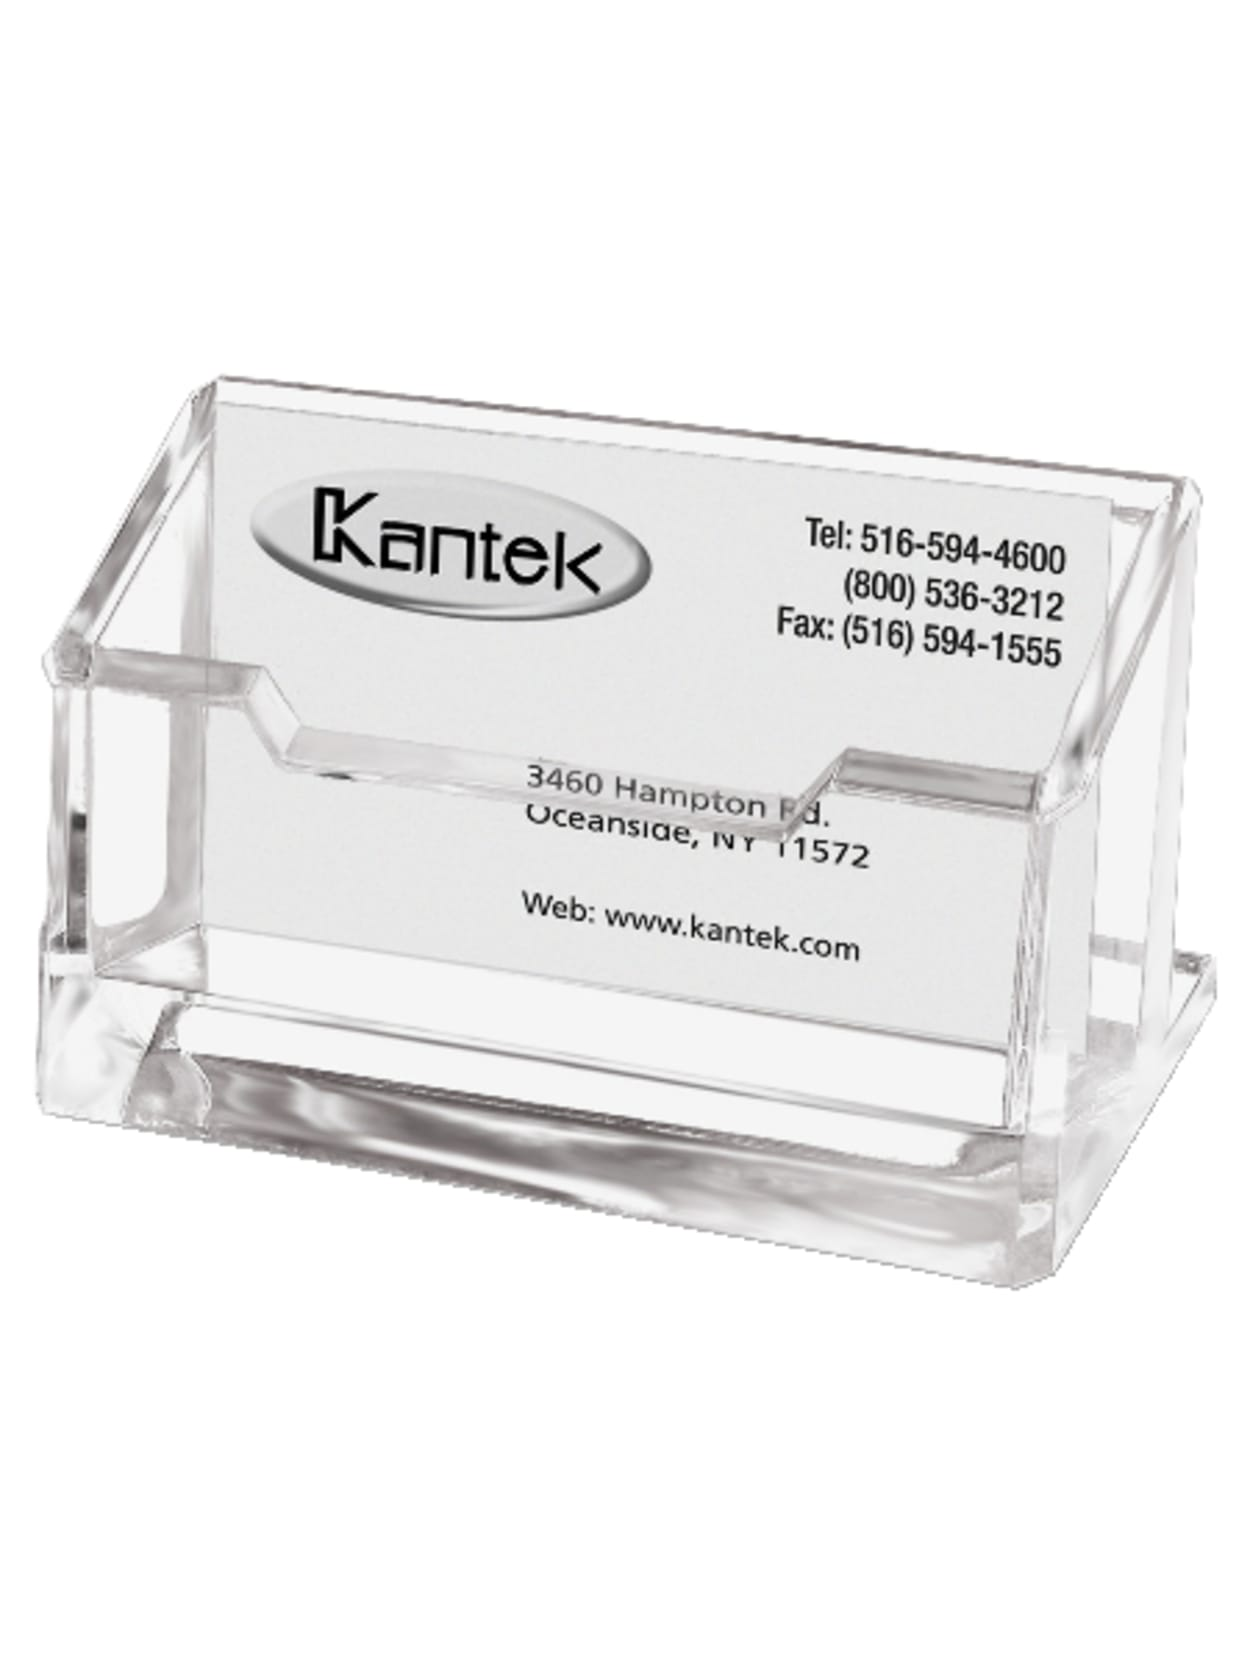 Kantek Acrylic Business Card Holder 200 x 200 20 x 20 120 Clear   Office ...